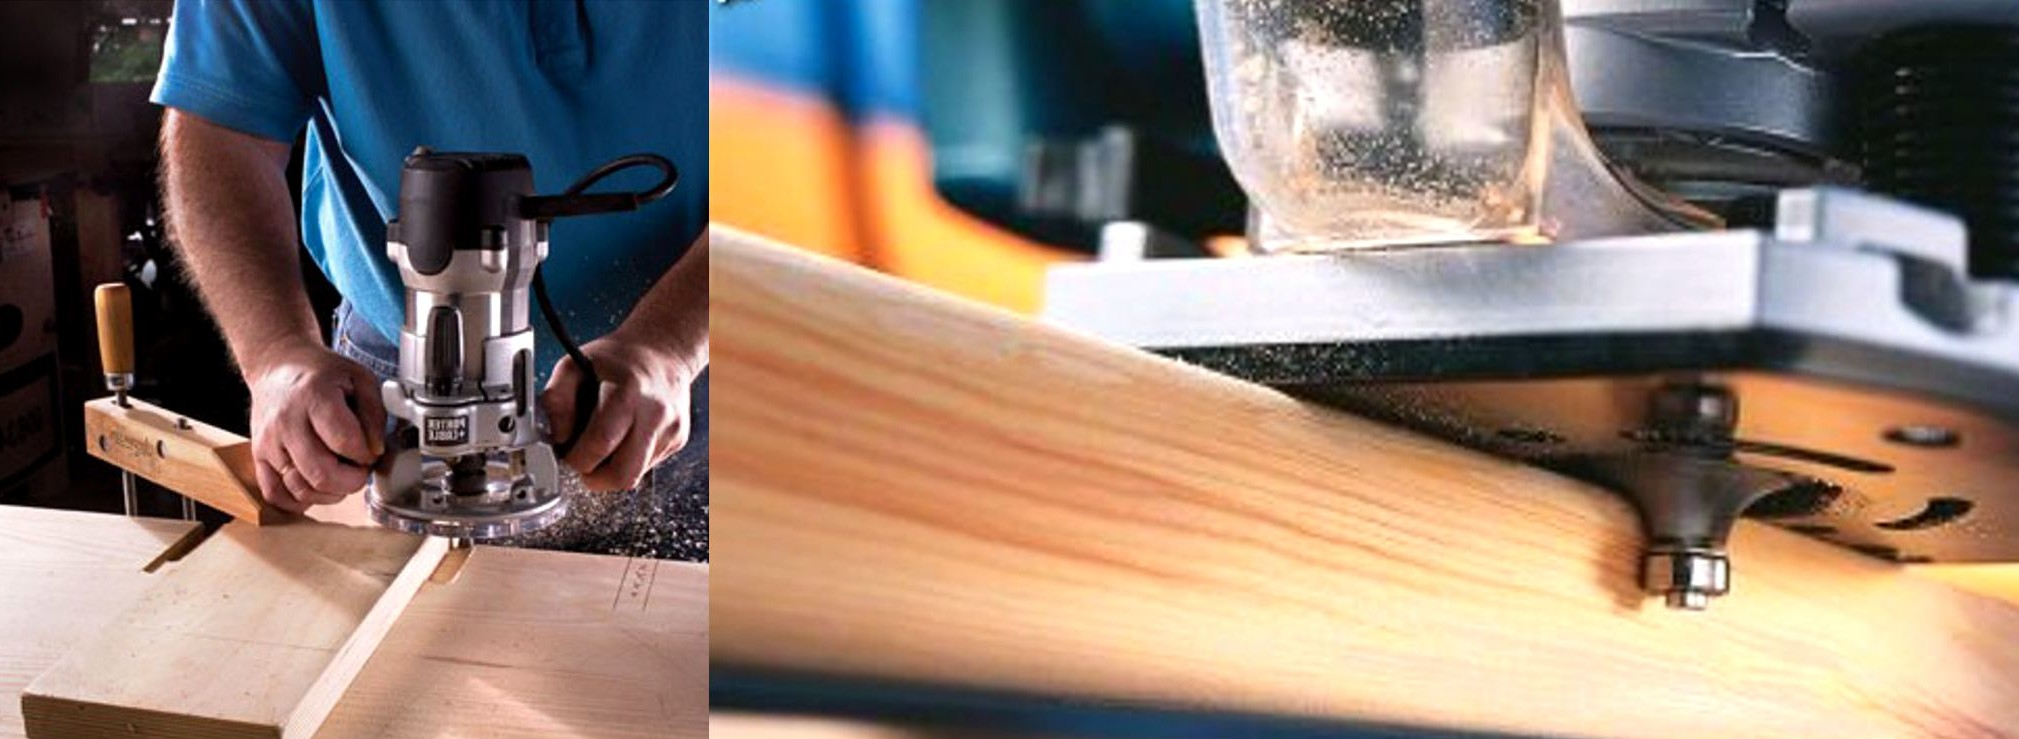 Самостоятельная фрезеровка дерева и древесины